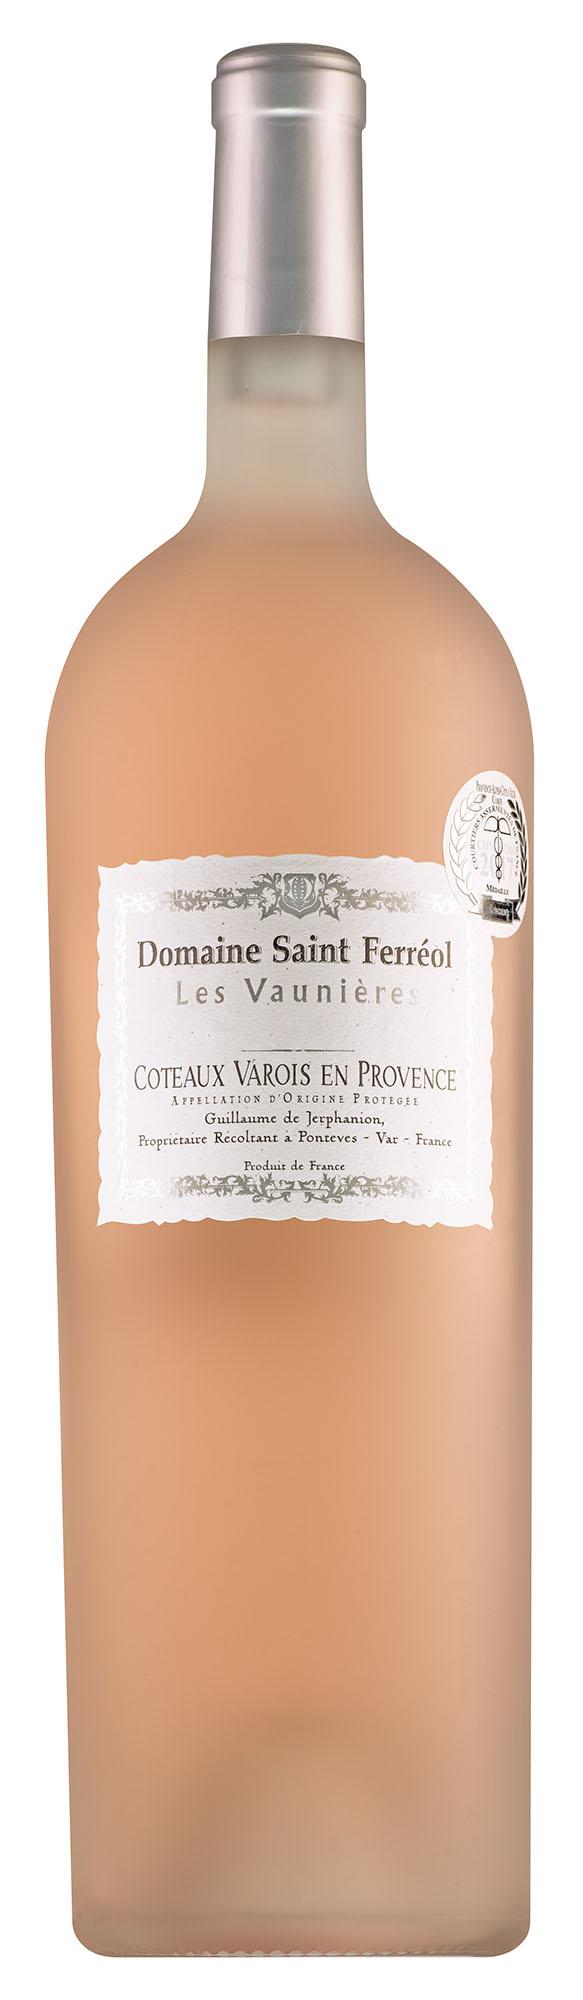 Domaine Saint Ferréol Coteaux Varois en Provence rosé magnum ( nog 3 magnums )